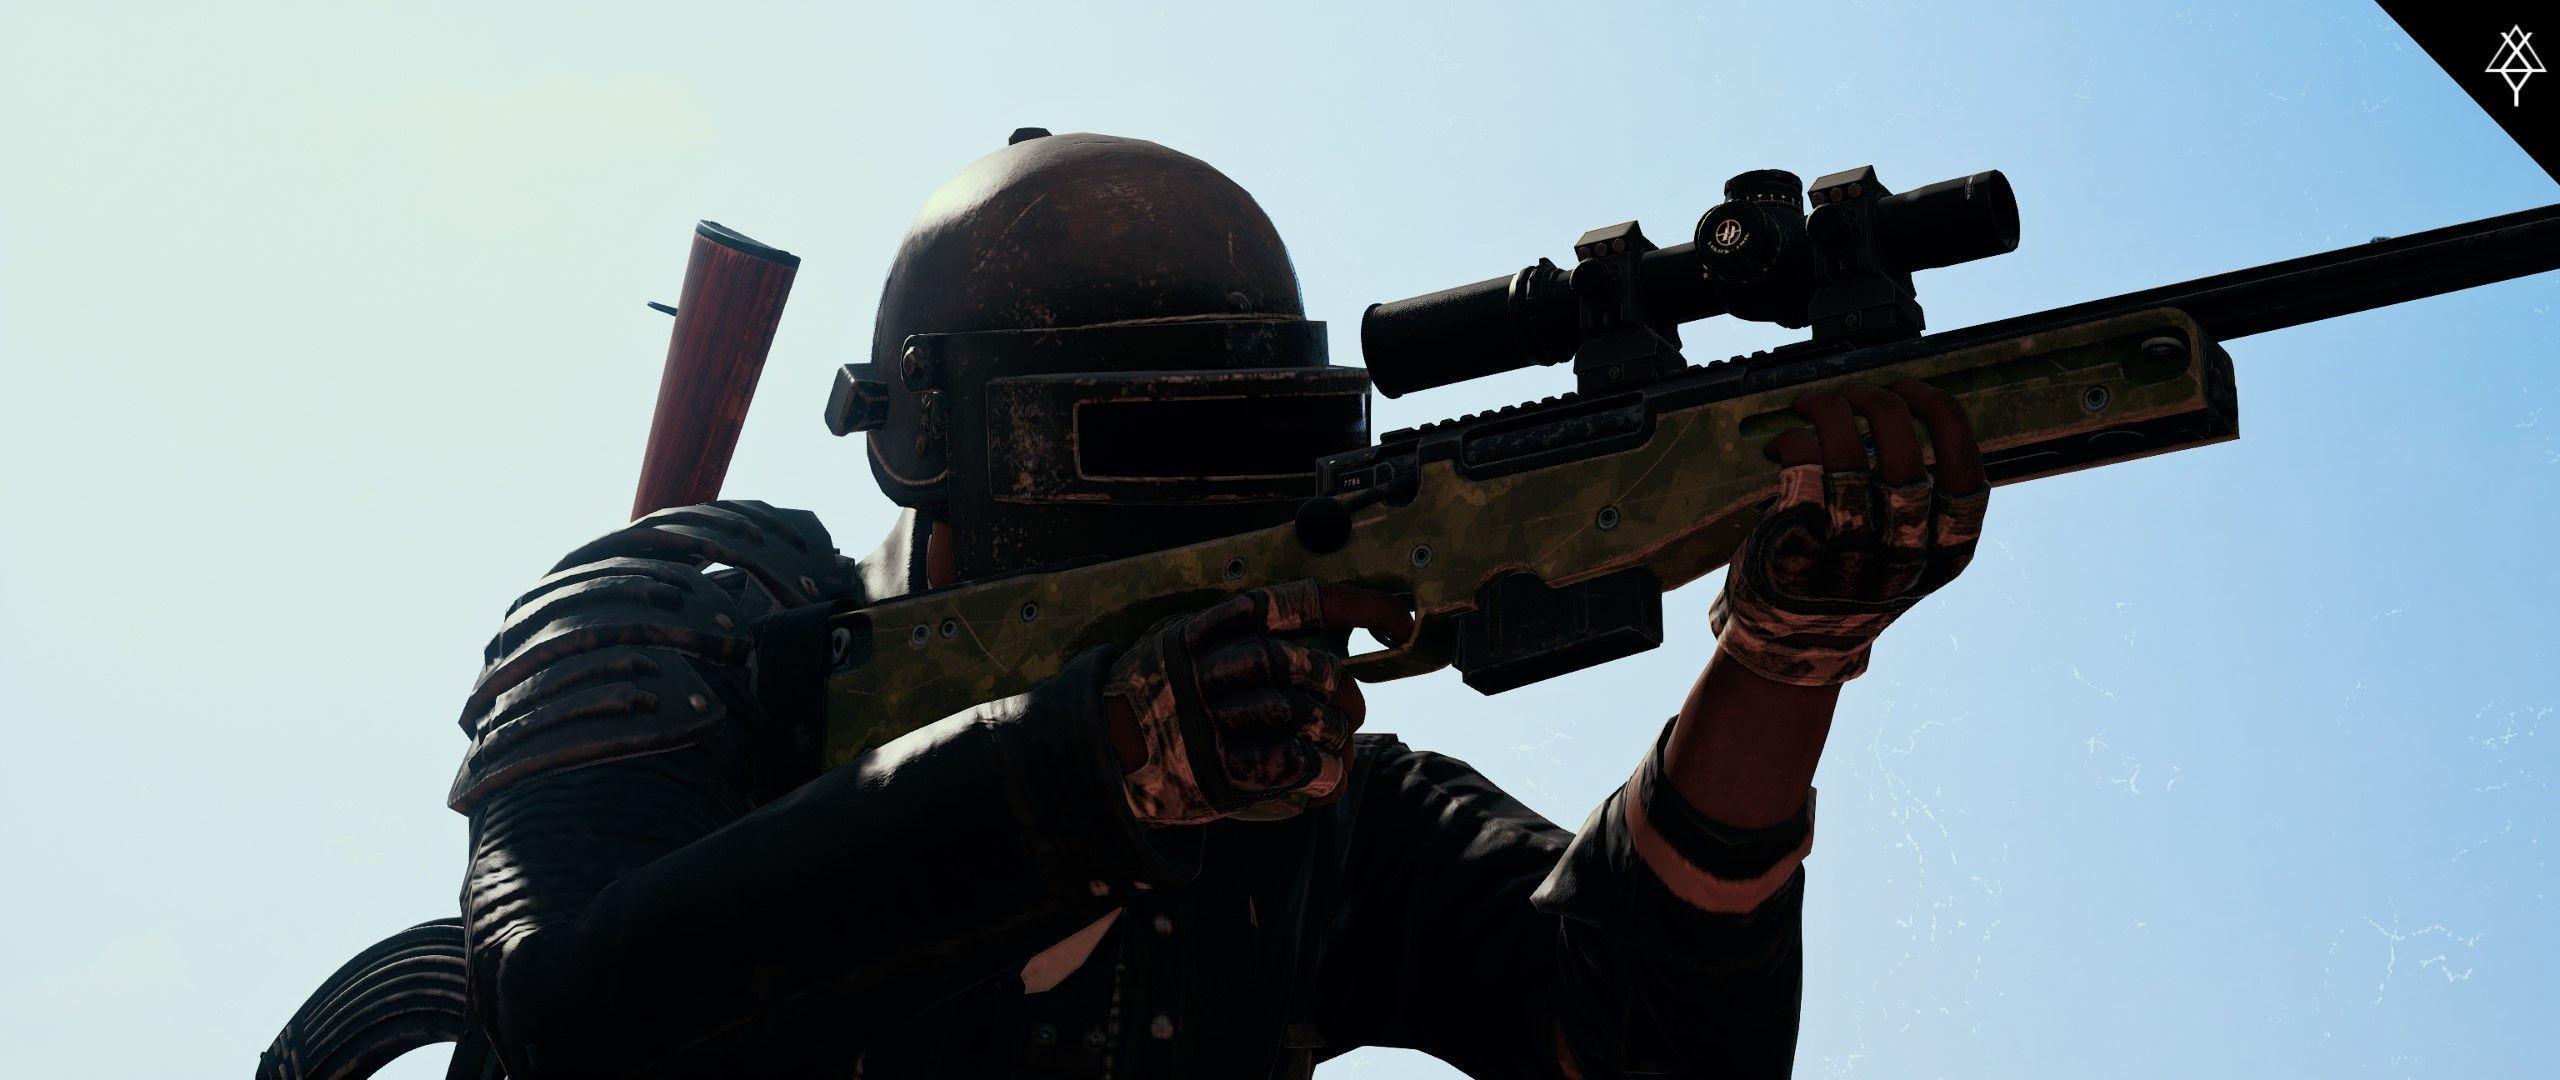 PUBG Sniper UHD Wallpapers